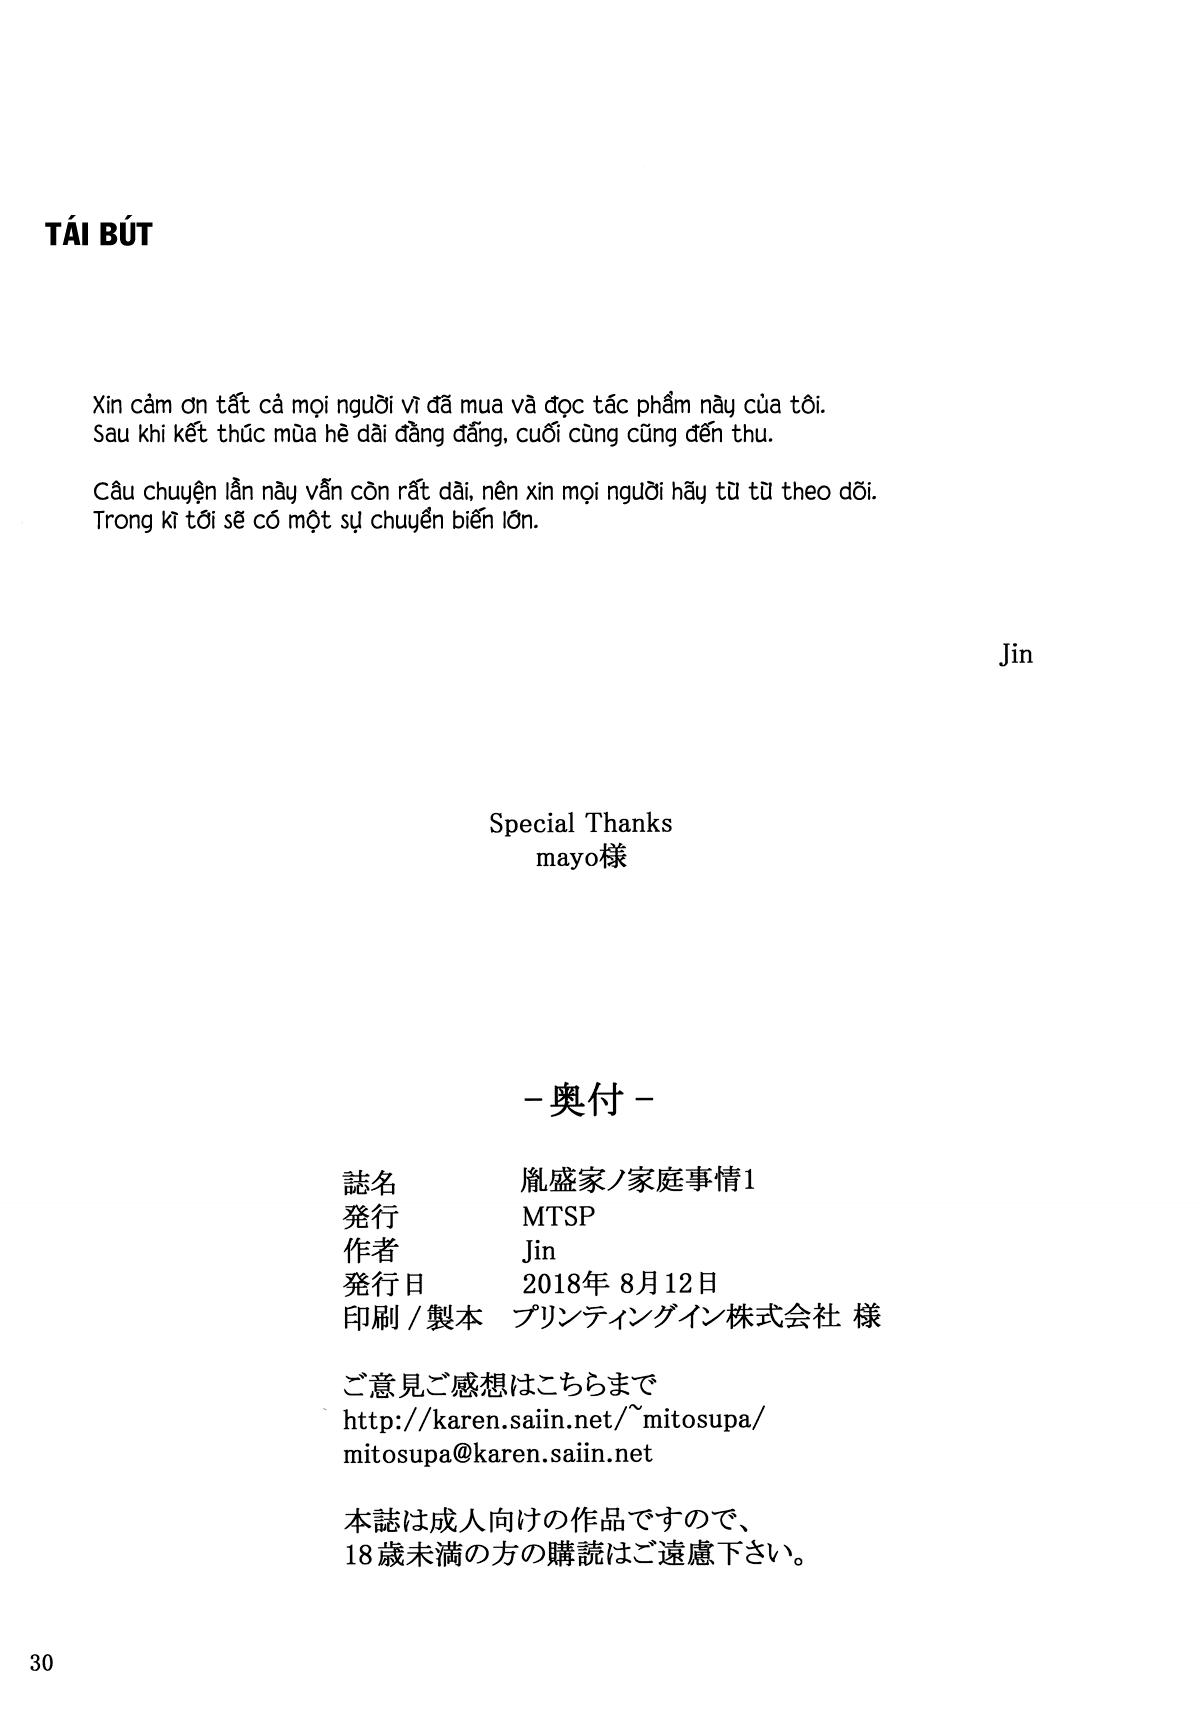 HentaiVN.net - Ảnh 29 - Tanemori-ke no Katei Jijou - 胤盛家ノ家庭事情 ; Gia cảnh của gia đình nhà Tanemori - Chap 01